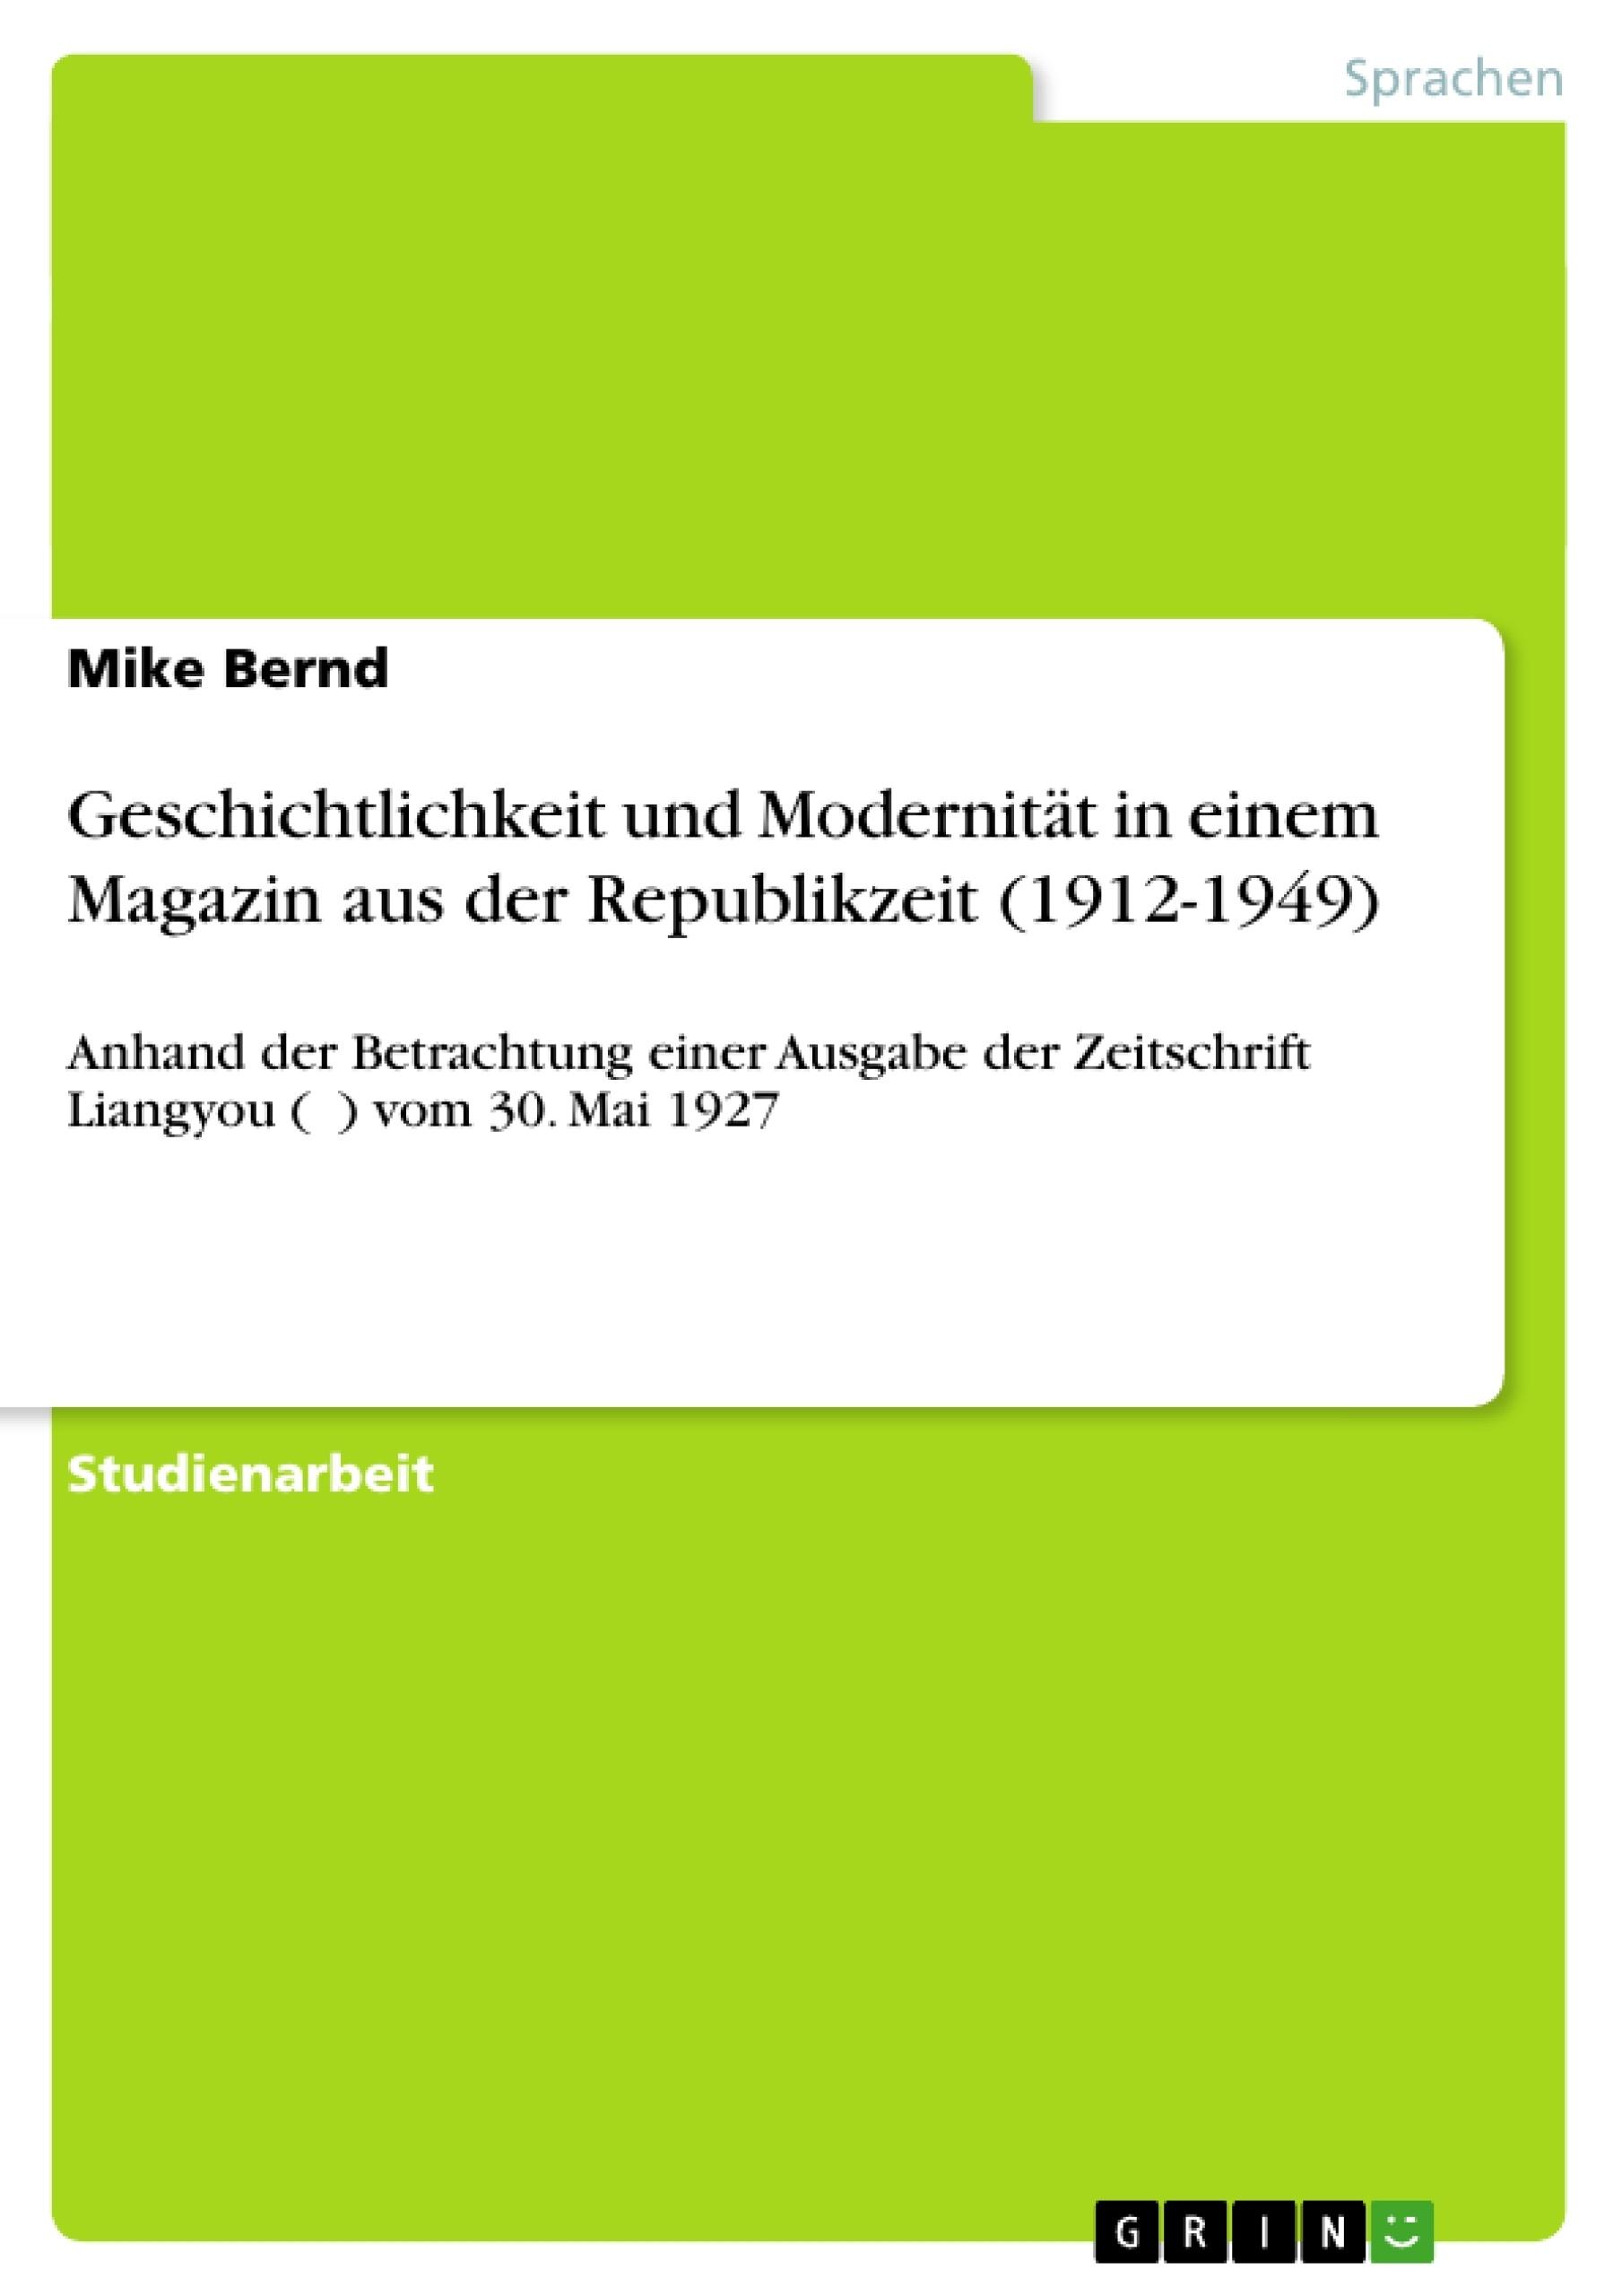 Titel: Geschichtlichkeit und Modernität in einem Magazin aus der Republikzeit (1912-1949)